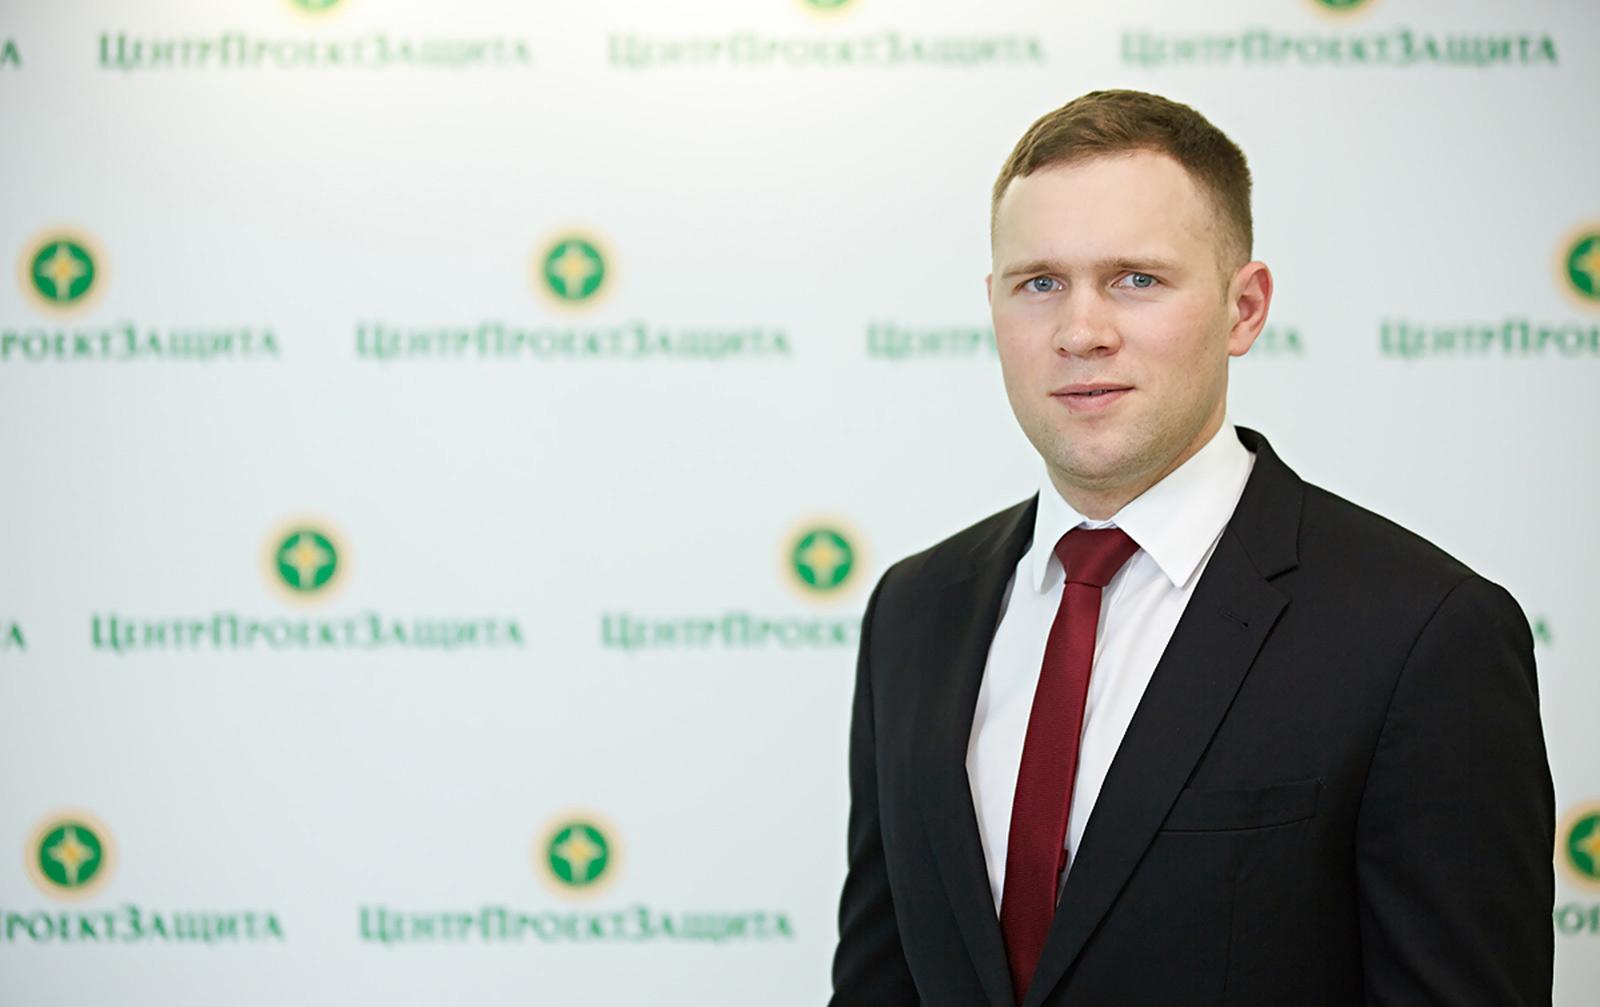 Николай Курманов, коммерческий директор, кандидат экономических наук